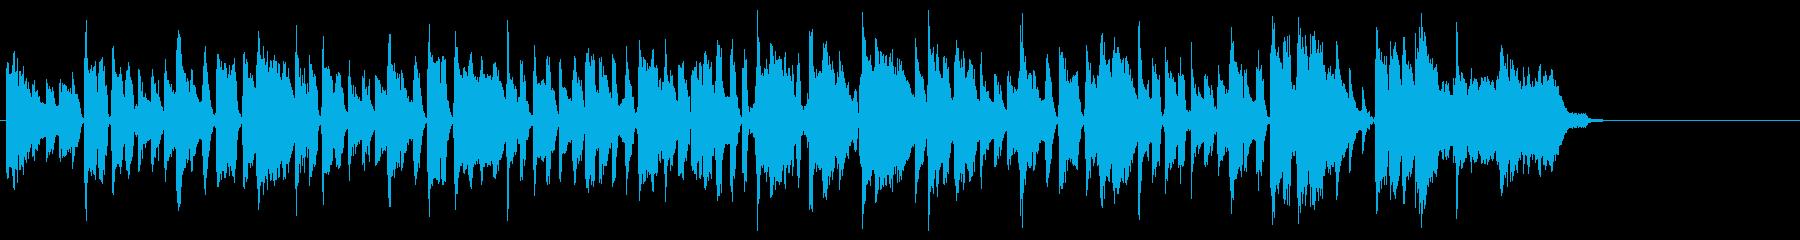 甘エビをテーマにした楽曲の再生済みの波形